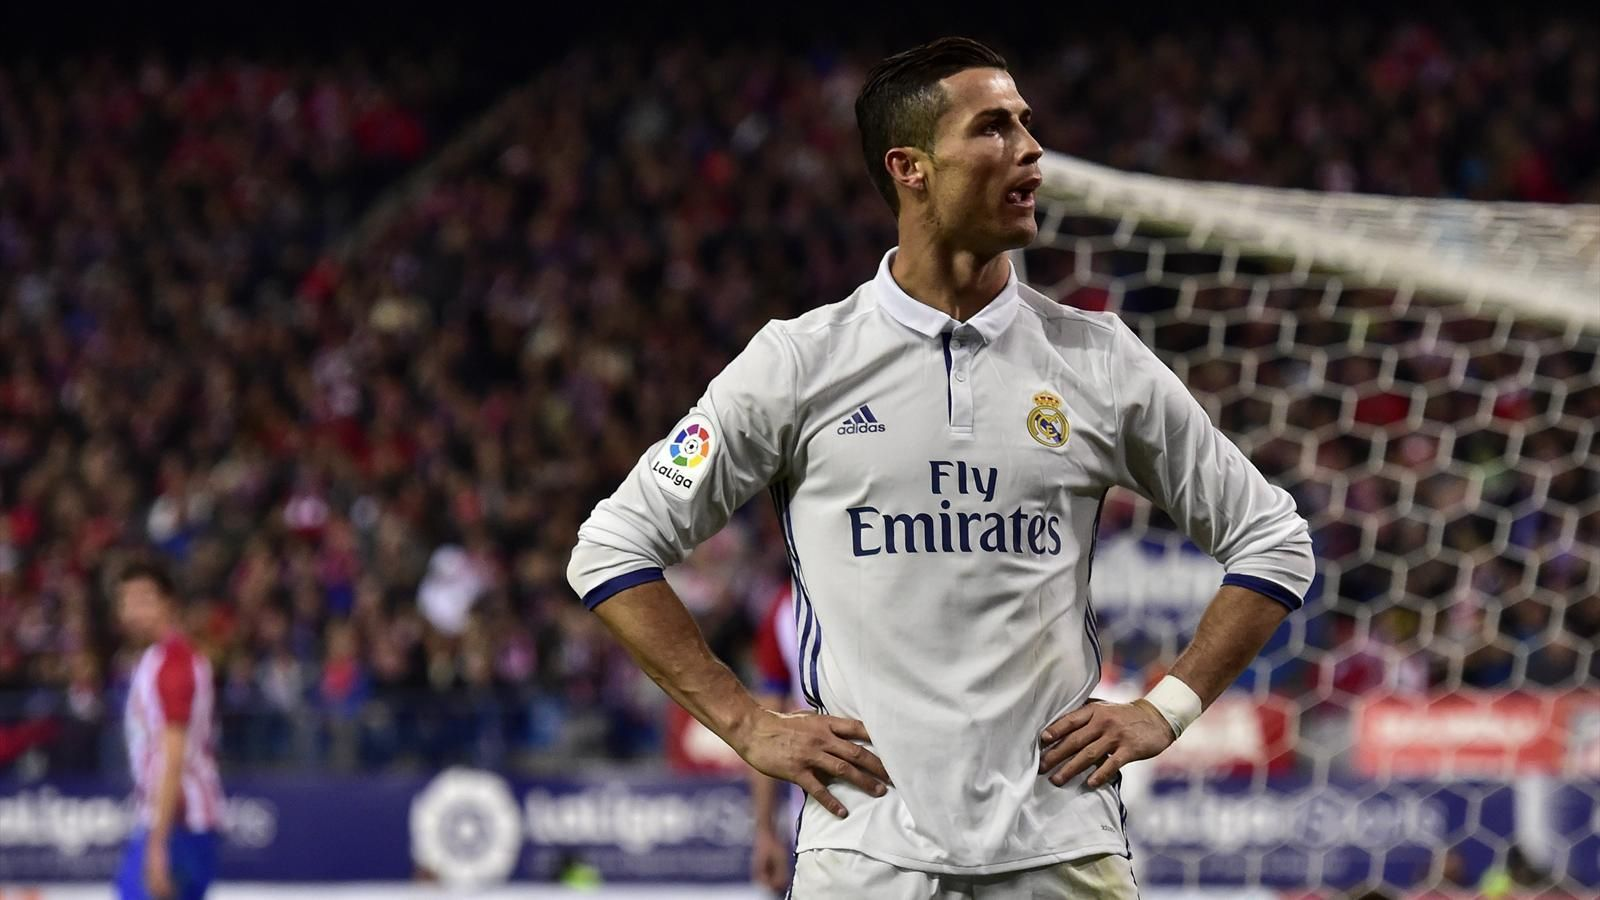 رونالدو قد يعود لصفوف مانشستر يونايتد في حاله عدم زيادة راتبه كريستيانو رونالدو يريد العودة إلى ناديه السابق الذي نشأ ف Ronaldo Cristiano Ronaldo Madrid Derby